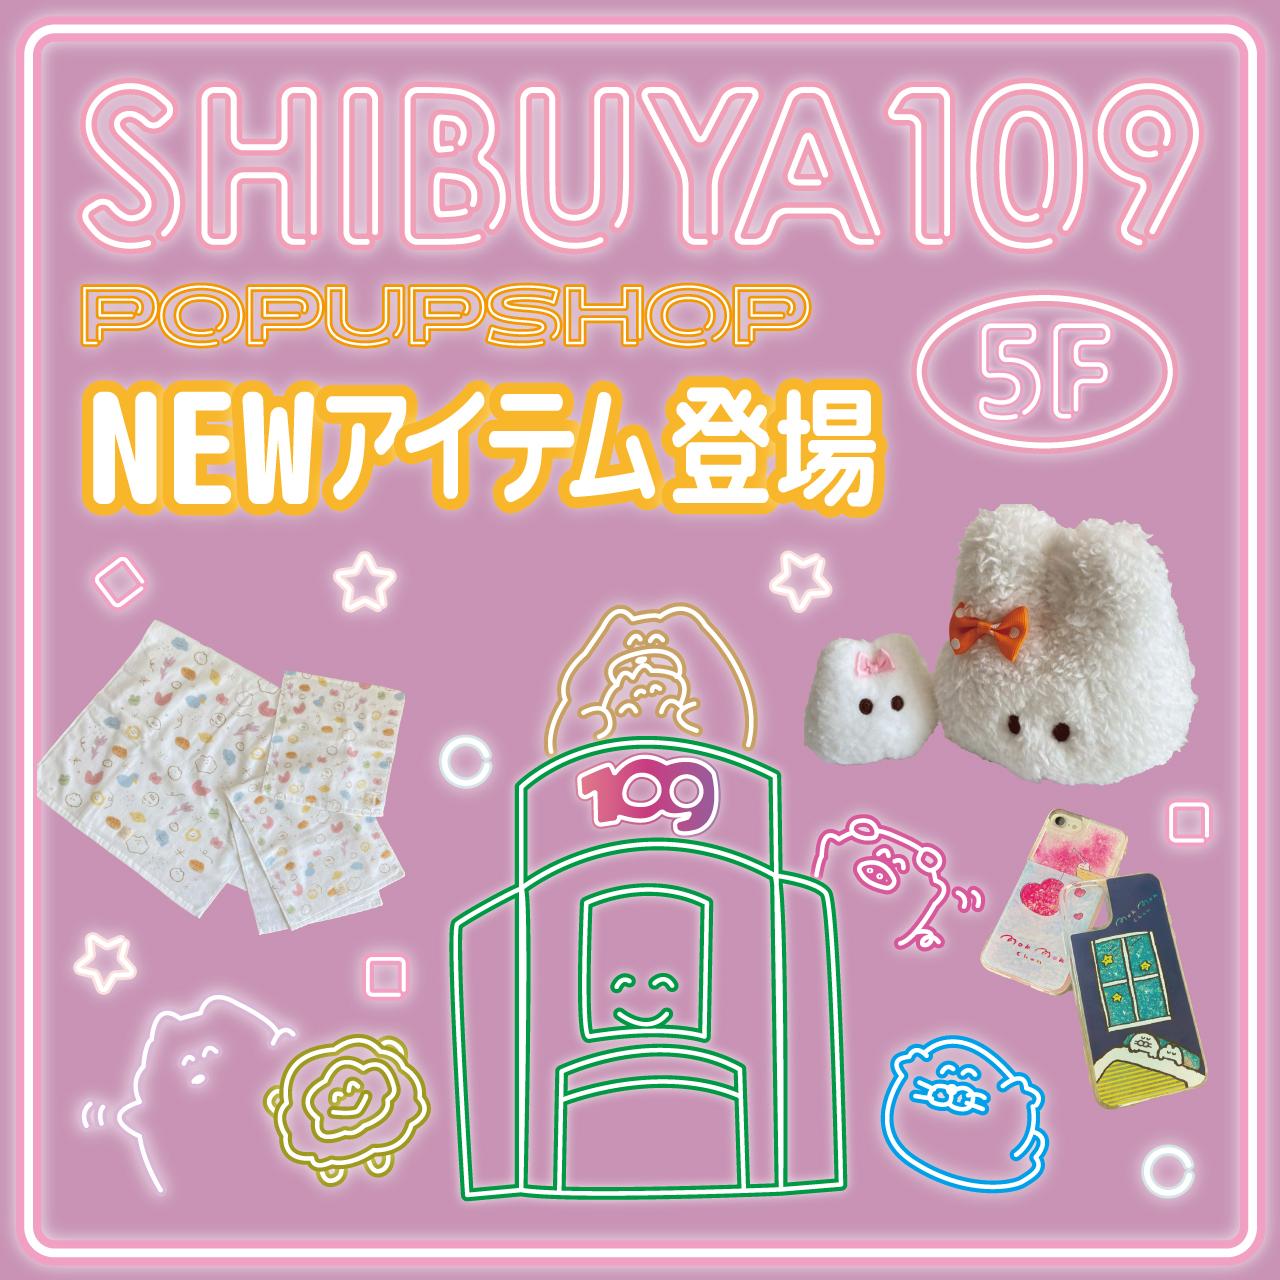 《SHIBUYA109》もくもくちゃんオフィシャルPOUUP 新商品登場☆